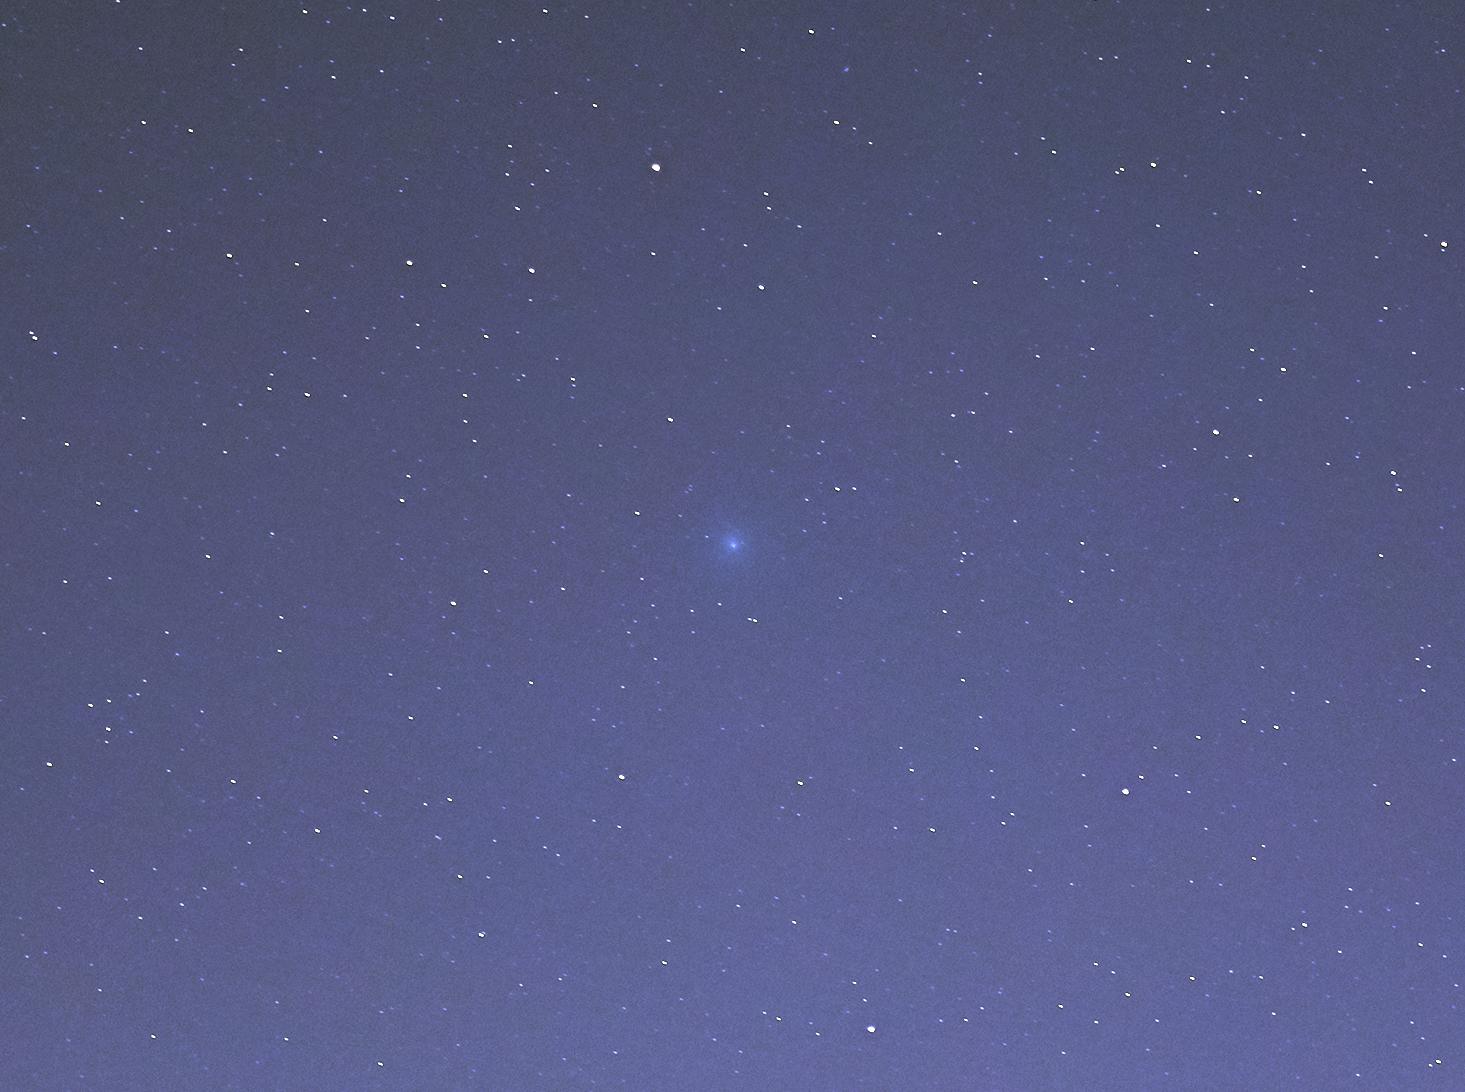 Comet 46P/Wirtanen - 5 Dec. 2018